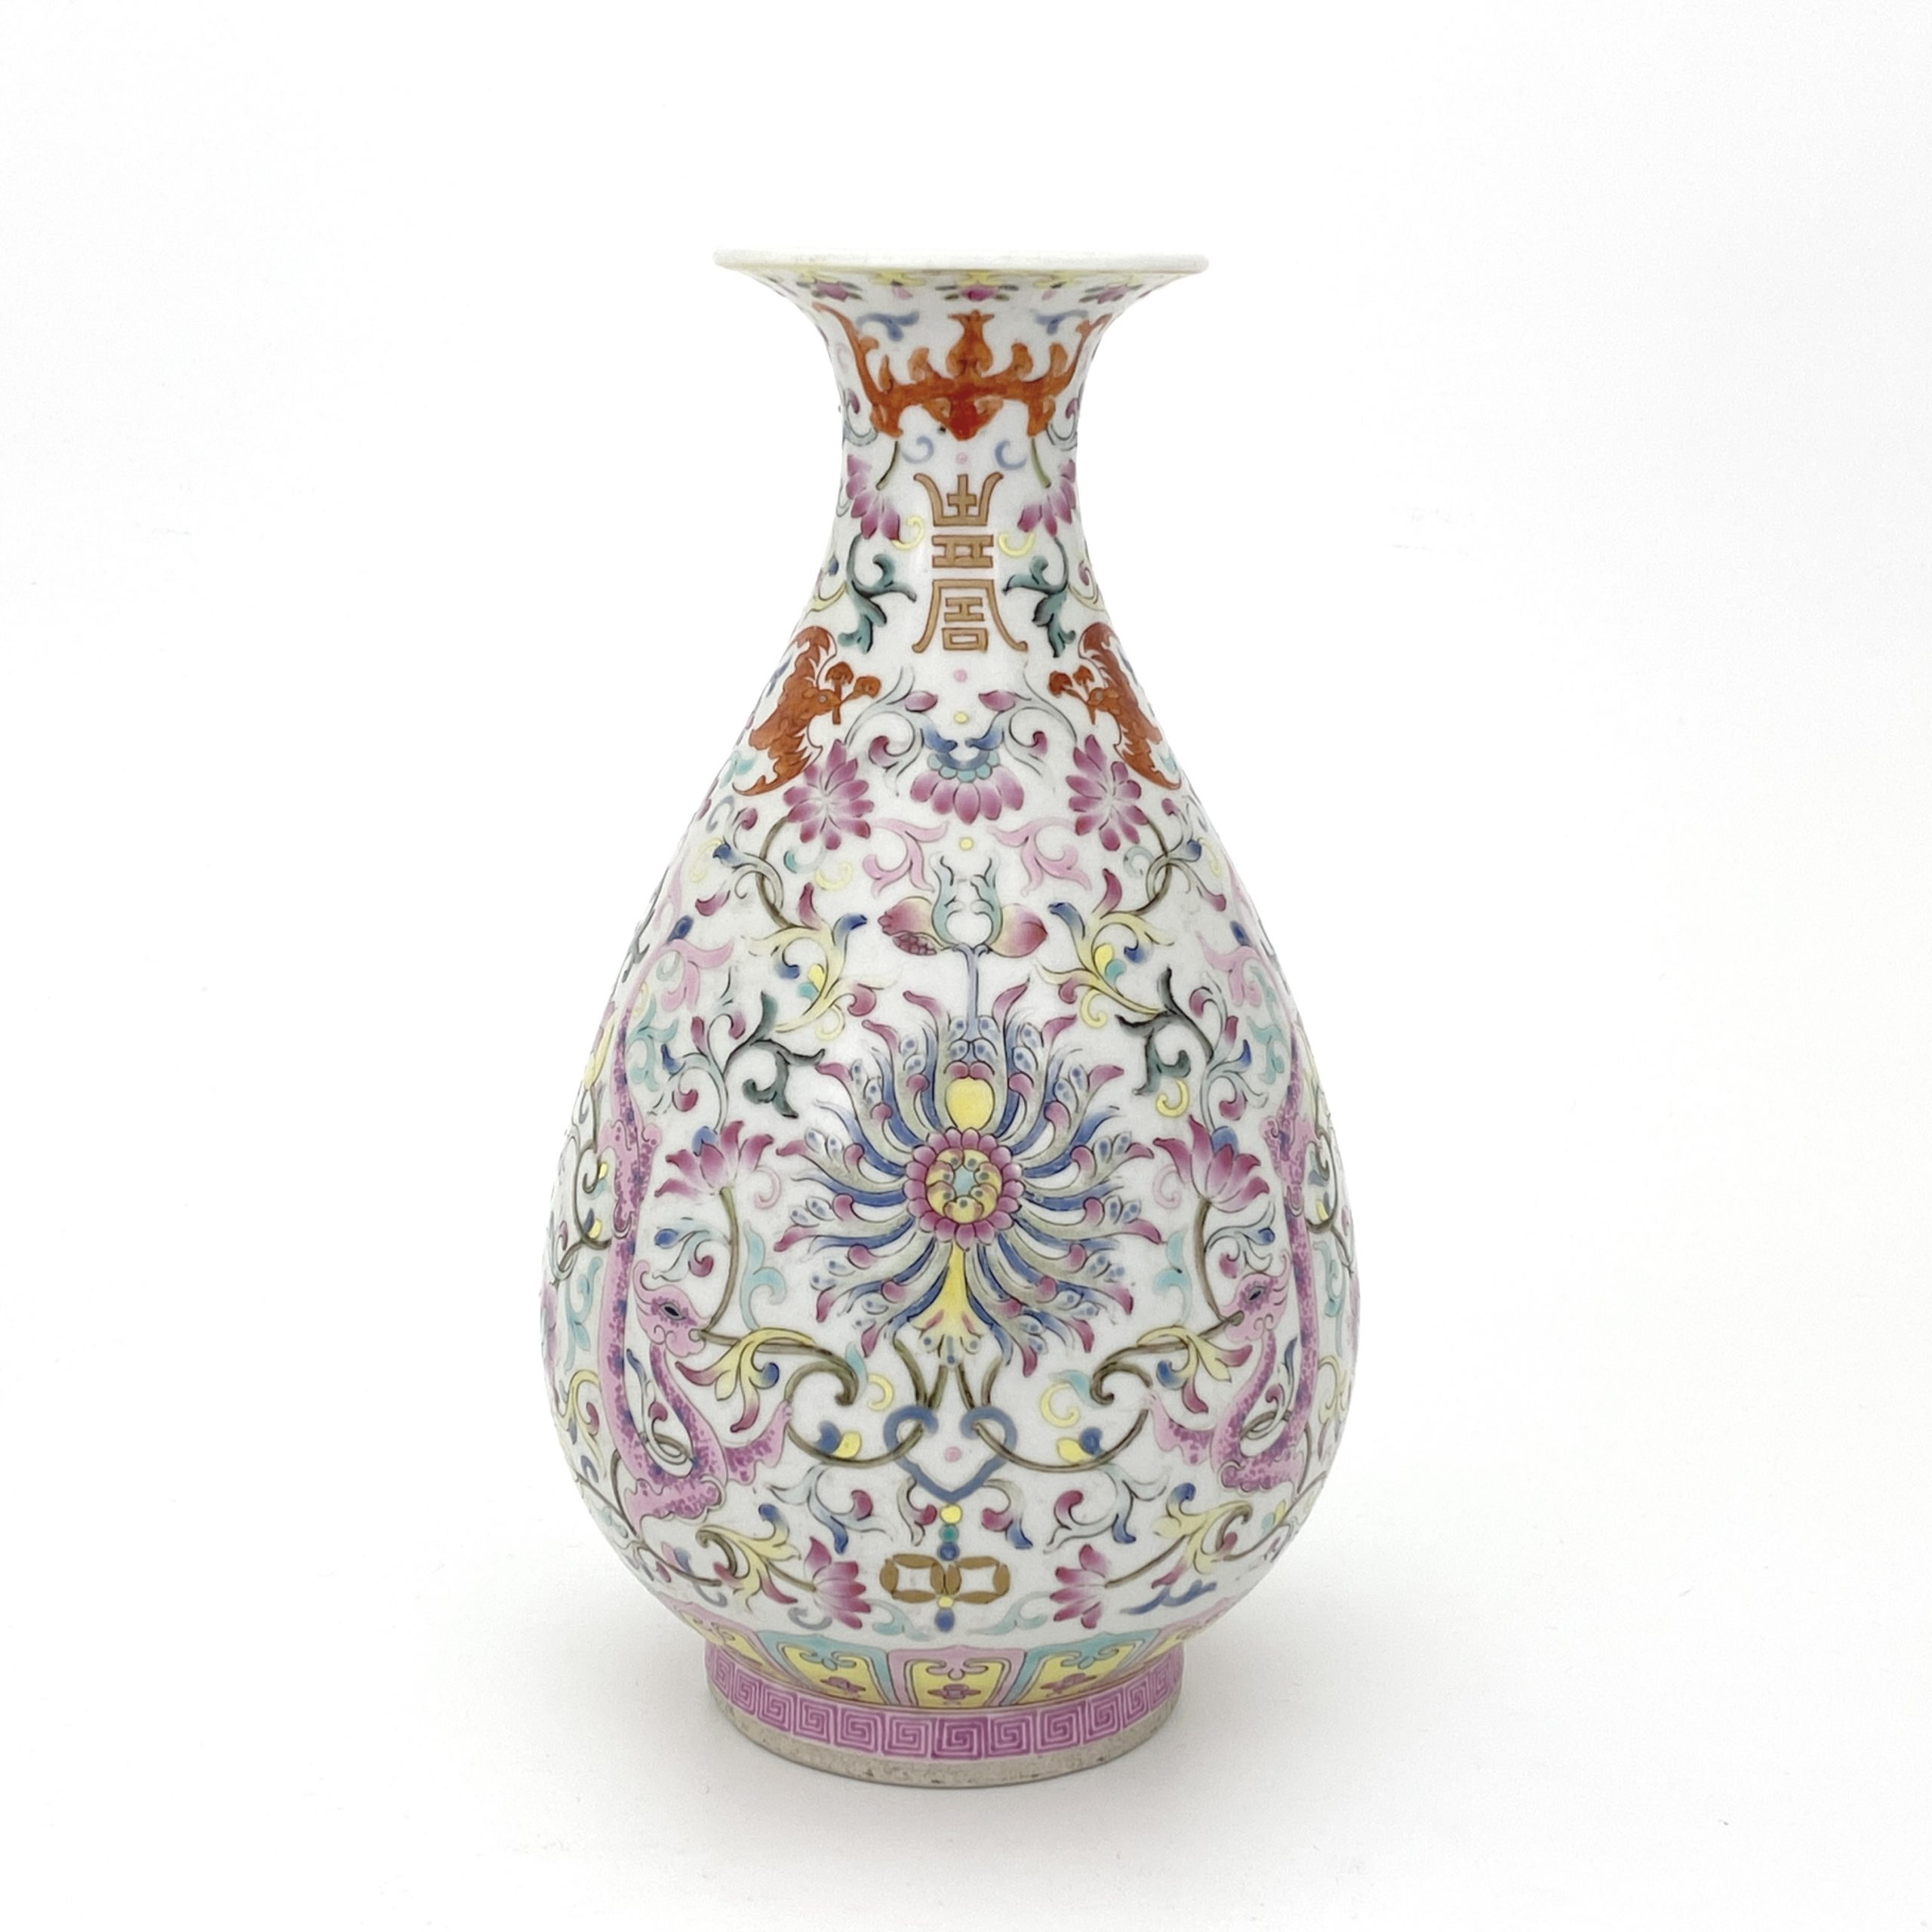 21681清「大清乾隆年製」款 粉彩 吉祥紋 玉壺春瓶